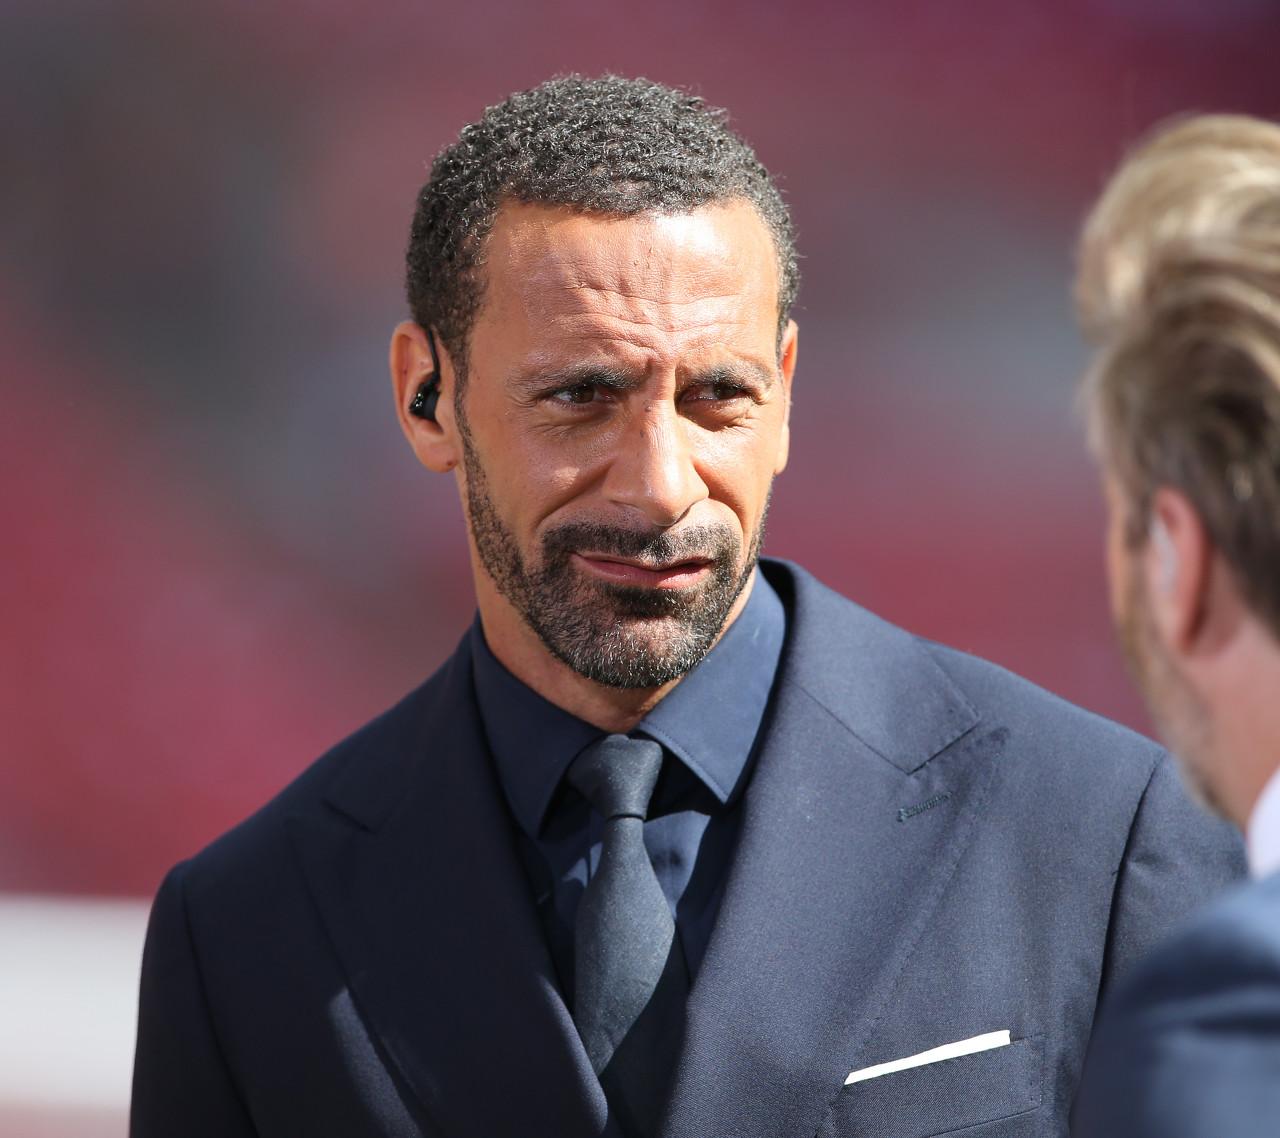 费迪南德:我热爱曼联,若有机会愿回到沙龙作业